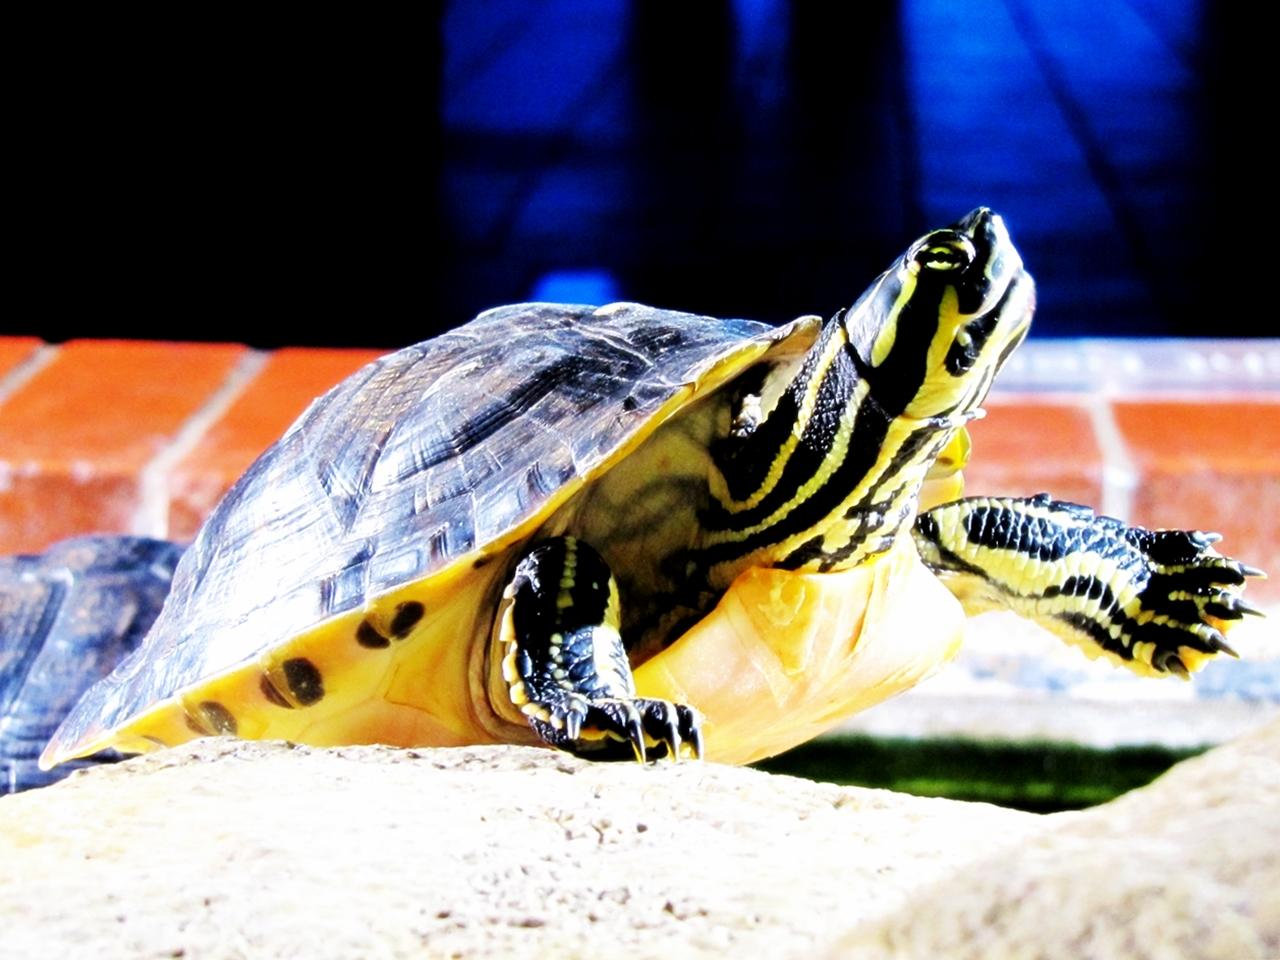 Schnappschildkröte 1